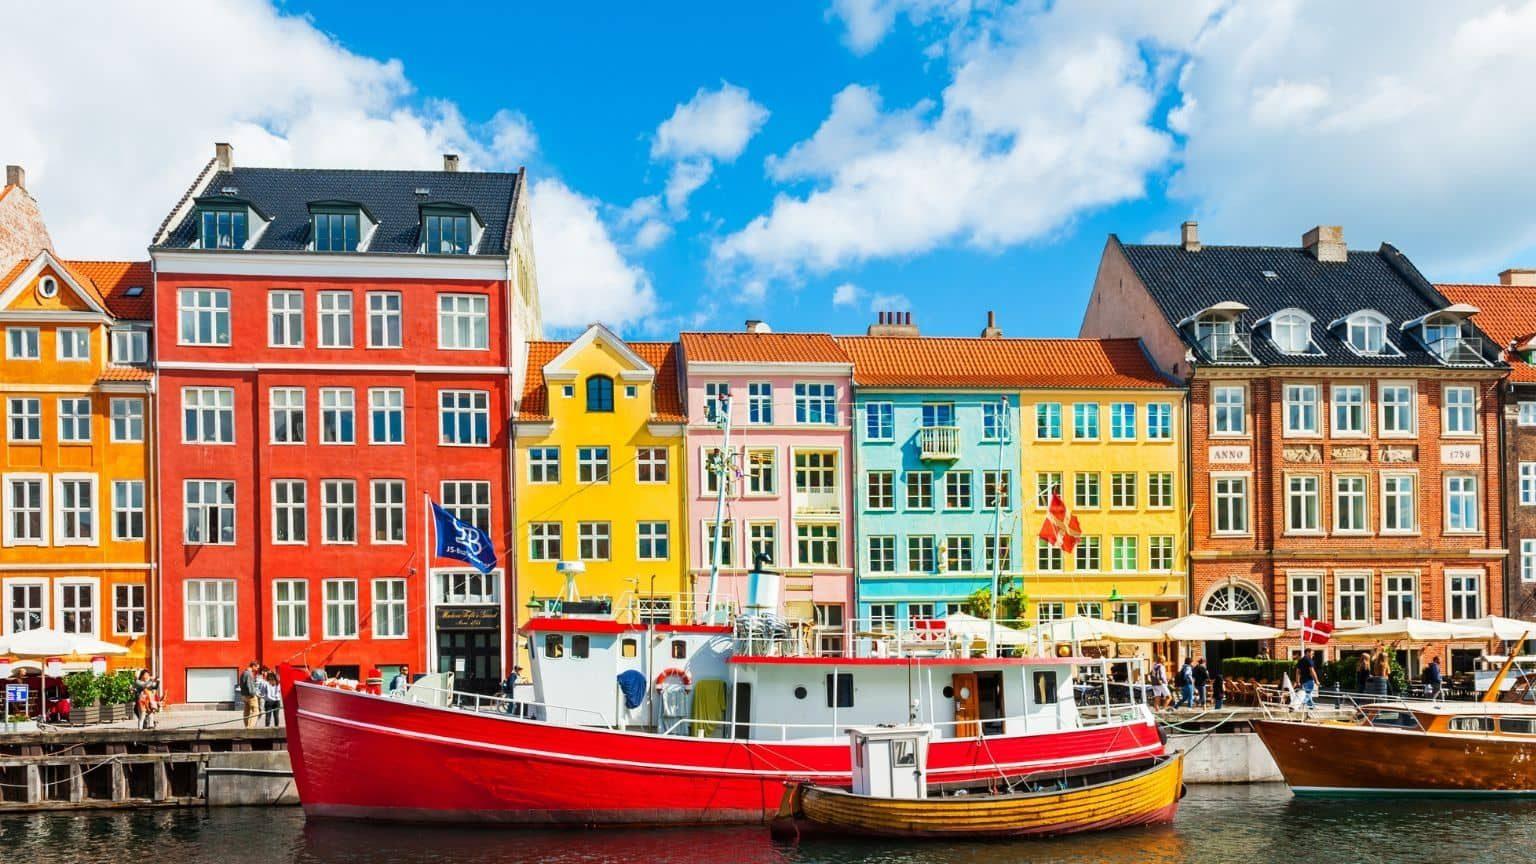 Nyhavn Pier in Copehagen